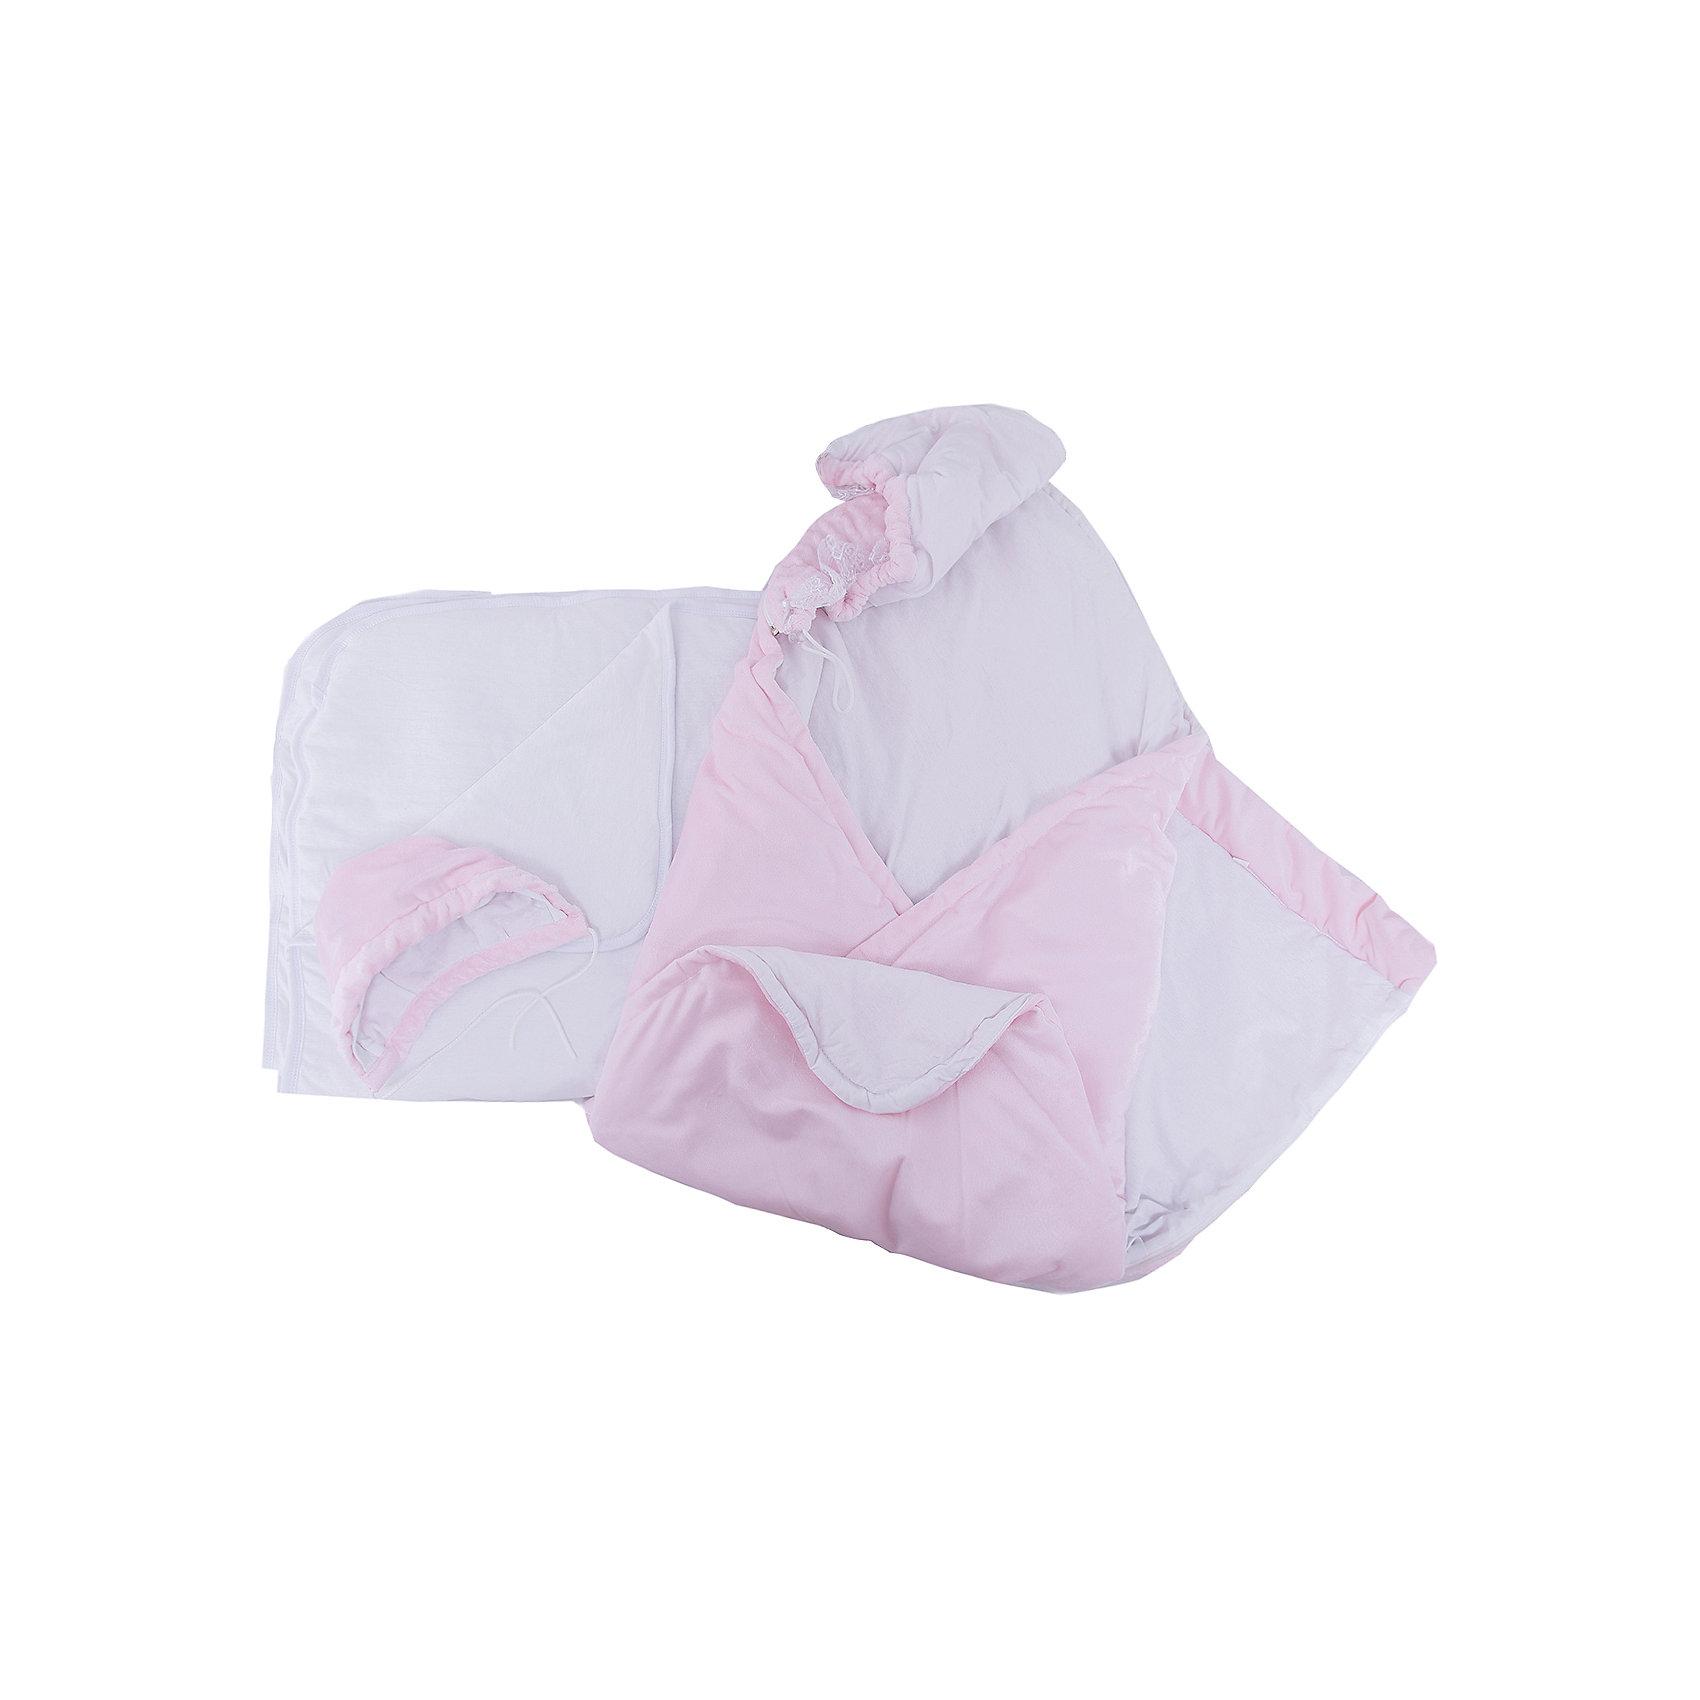 Комплект на выписку 6 пред., GulSara, 152 весна-осеньОдеяло трансформер розовыйХарактеристики:<br><br>• Вид детского текстиля: комплект на выписку<br>• Предназначение: на выписку, для прогулки<br>• Сезон: весна, осень<br>• Утеплитель: средняя степень<br>• Температурный режим: от -10? С до +20? С<br>• Пол: для девочки<br>• Тематика рисунка: без рисунка<br>• Материал: вельбоа, кулирка<br>• Цвет: розовый, белый<br>• Комплектация:<br> одеяло-трансформер – 1 шт. р-р 100*100 см<br> шапочка на синтепоне – 1 шт. р-р 56-36<br> одеяло на синтепоне – 1 шт. р-р 90*90 см<br> ползунки – 1 шт. р-р 56-36<br> распашонка – 1 шт. р-р 56-36<br> чепчик – 1 шт. р-р 56-36<br>• Декоративные элементы: кружево, жабо <br>• Особенности ухода: машинная стирка при температуре 30 градусов без использования отбеливающих и красящих веществ<br><br>Комплект на выписку 6 пред., GulSara, 152 весна-осень Одеяло трансформер розовый от отечественного швейного производства, который выпускает современный текстиль и товары для новорожденных, изготовленных на основе вековых традиций. В своем производстве GulSara использует только экологичные и натуральные материалы, что обеспечивает их безопасность даже для малышей с чувствительной кожей. Набор предназначен для выписки в осенне-весенний период и состоит из одеяла и шапочки, выполненных из вельбоа (мягкая ткань с нежным ворсом). <br><br>В качестве утеплителя использован синтепон – легкий, но при этом гипоаллергенный материал. Дополнительно в наборе предусмотрено синтепоновое одеяло. Комплект нижней одежды состоит из ползунков, распашонки и чепчика, изготовленных из кулирки. Одеяло-трансформер декорировано рюшами из кружева и кружевного жабо. Комплект на выписку 6 пред., GulSara, 152 весна-осень Одеяло трансформер розовый создаст изысканный и неповторимый образ вашего малыша!<br><br>Комплект на выписку 6 пред., GulSara, 152 весна-осень Одеяло трансформер розовый можно купить в нашем интернет-магазине.<br><br>Ширина мм: 750<br>Глубина мм: 400<br>Высота мм: 90<br